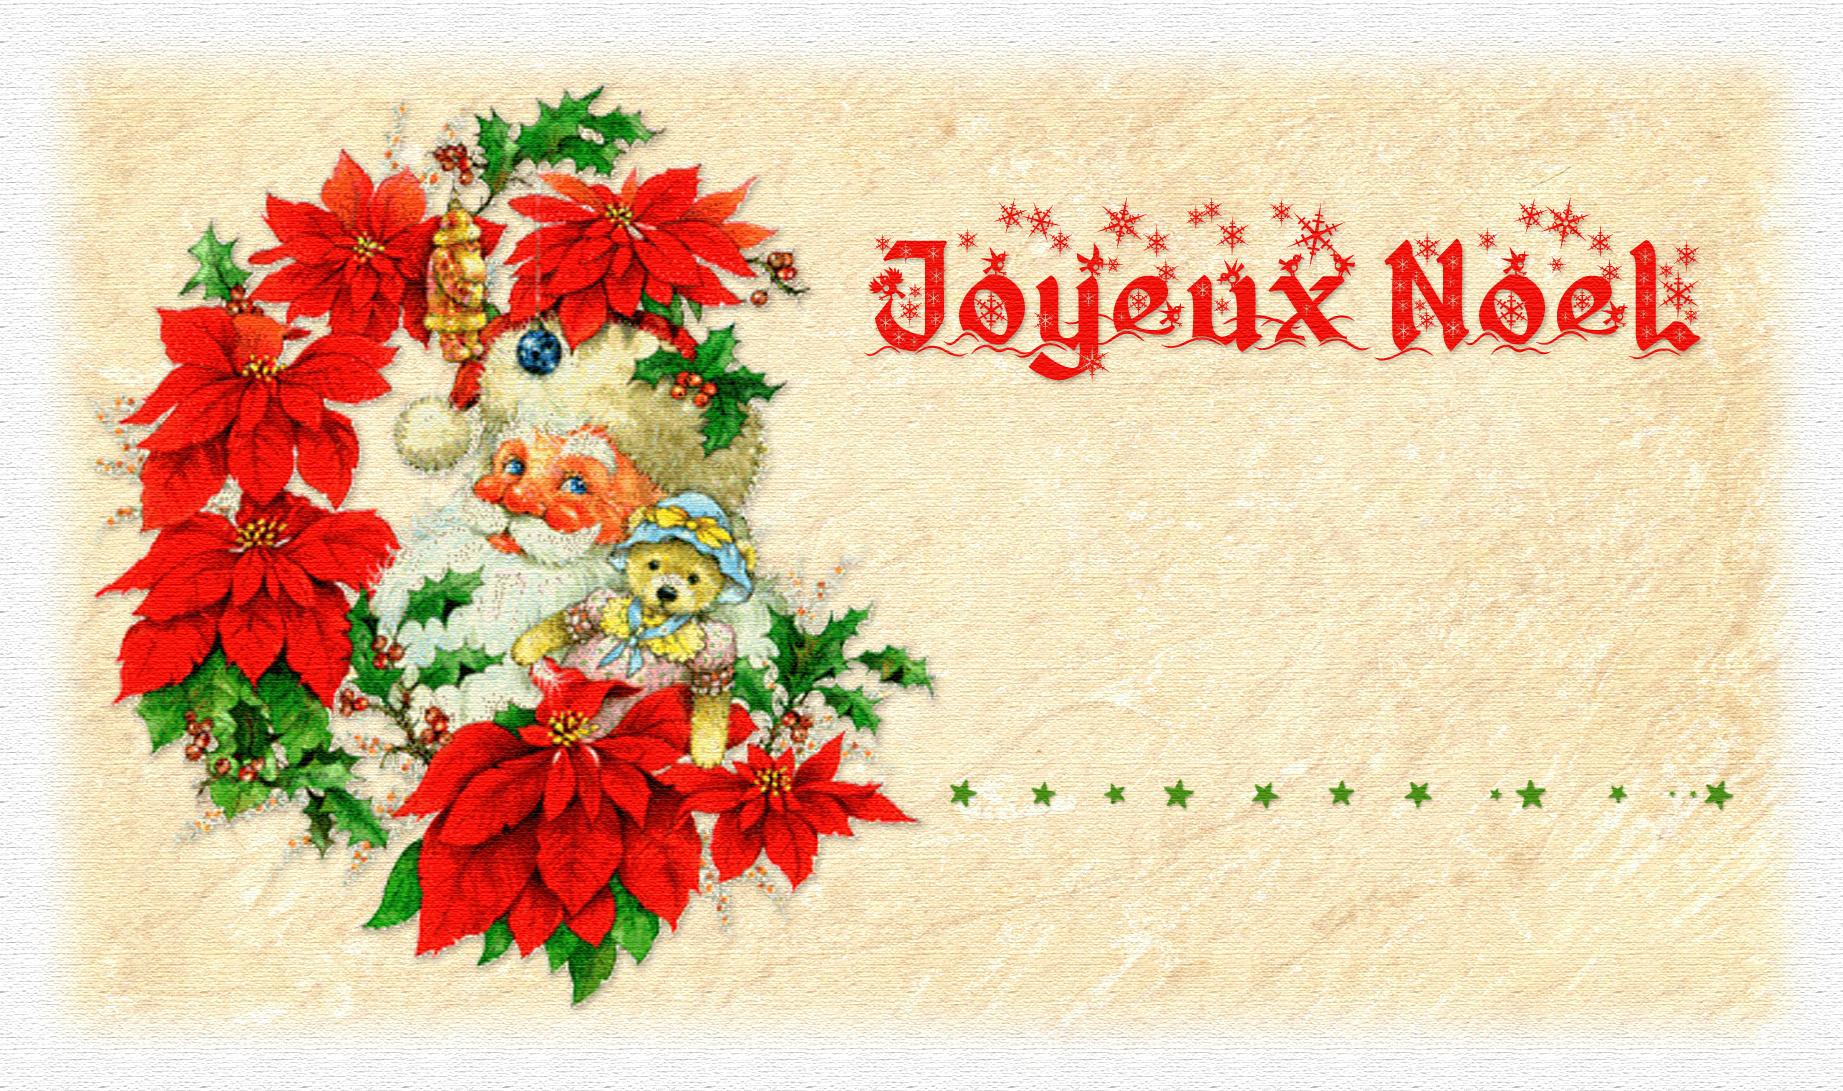 Etiquettes De Noël À Imprimer - Planche N°2 - Chez-Mireille D concernant Etiquette Noel À Imprimer